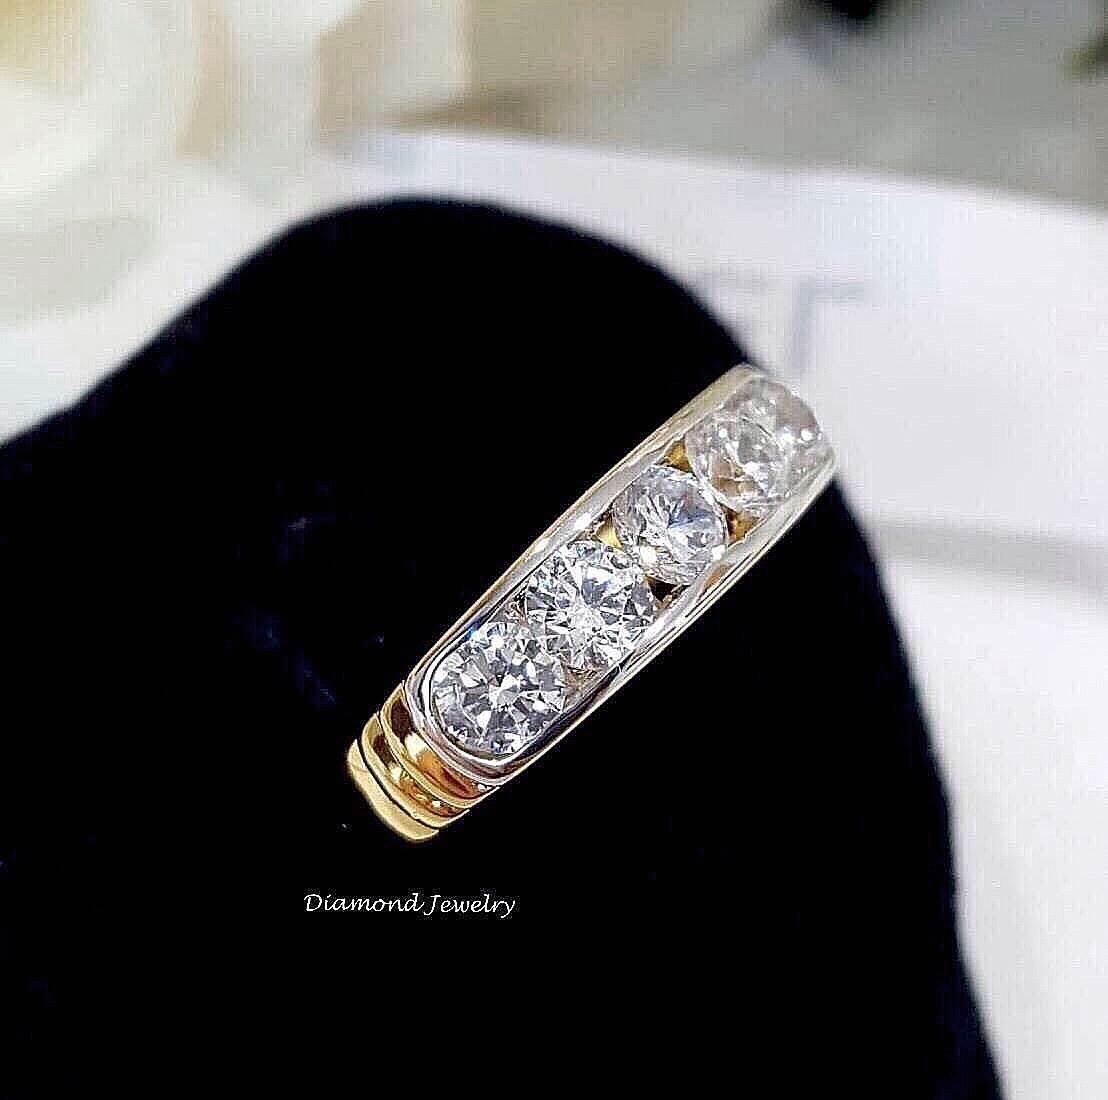 พร้อมส่ง Diamond Ring งานเพชรสวิส